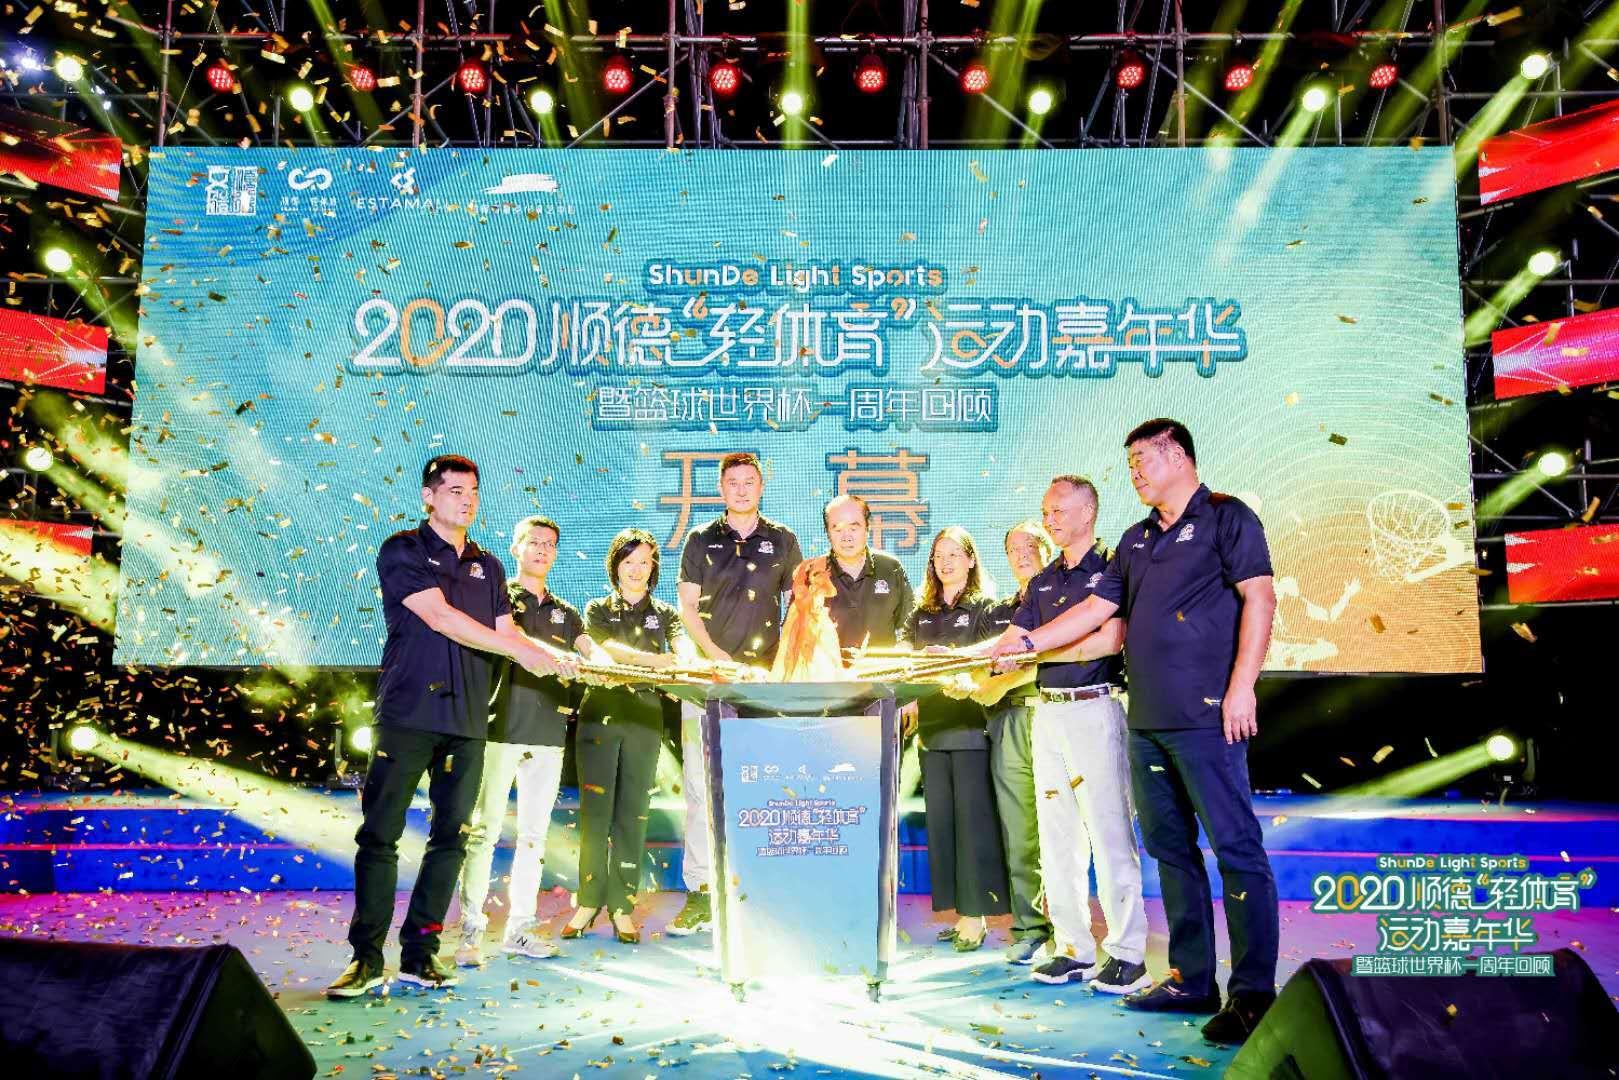 精彩赛事+世界杯周年展!2020顺德篮球嘉年华邀你来玩